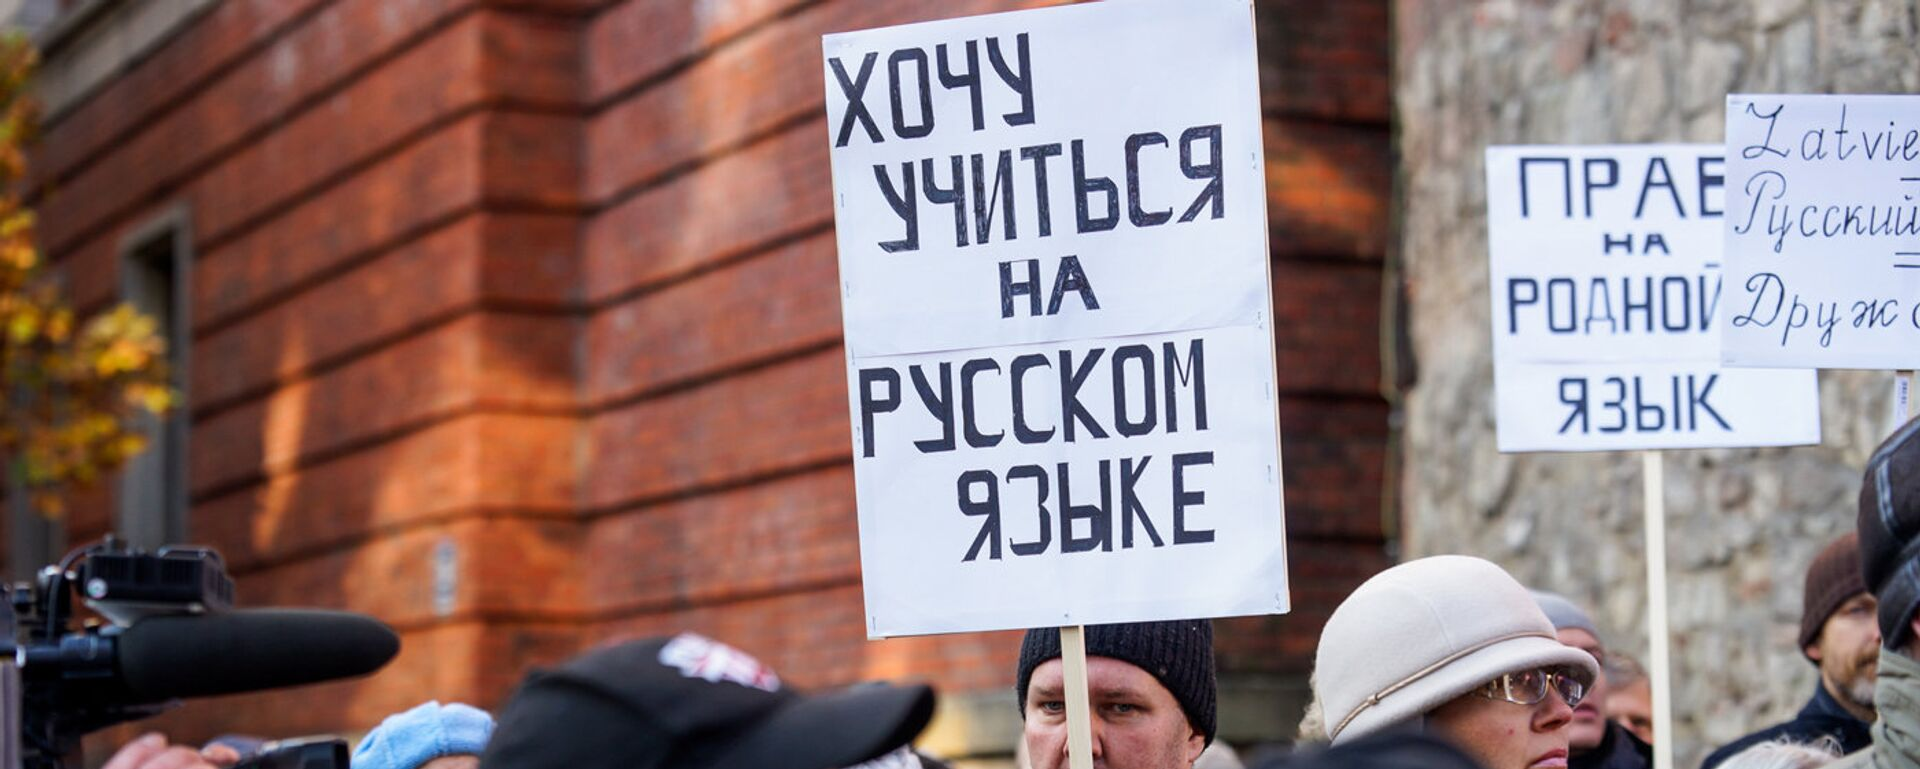 Митинг против полного перевода билингвальных школ на латышский язык - Sputnik Латвия, 1920, 26.02.2020